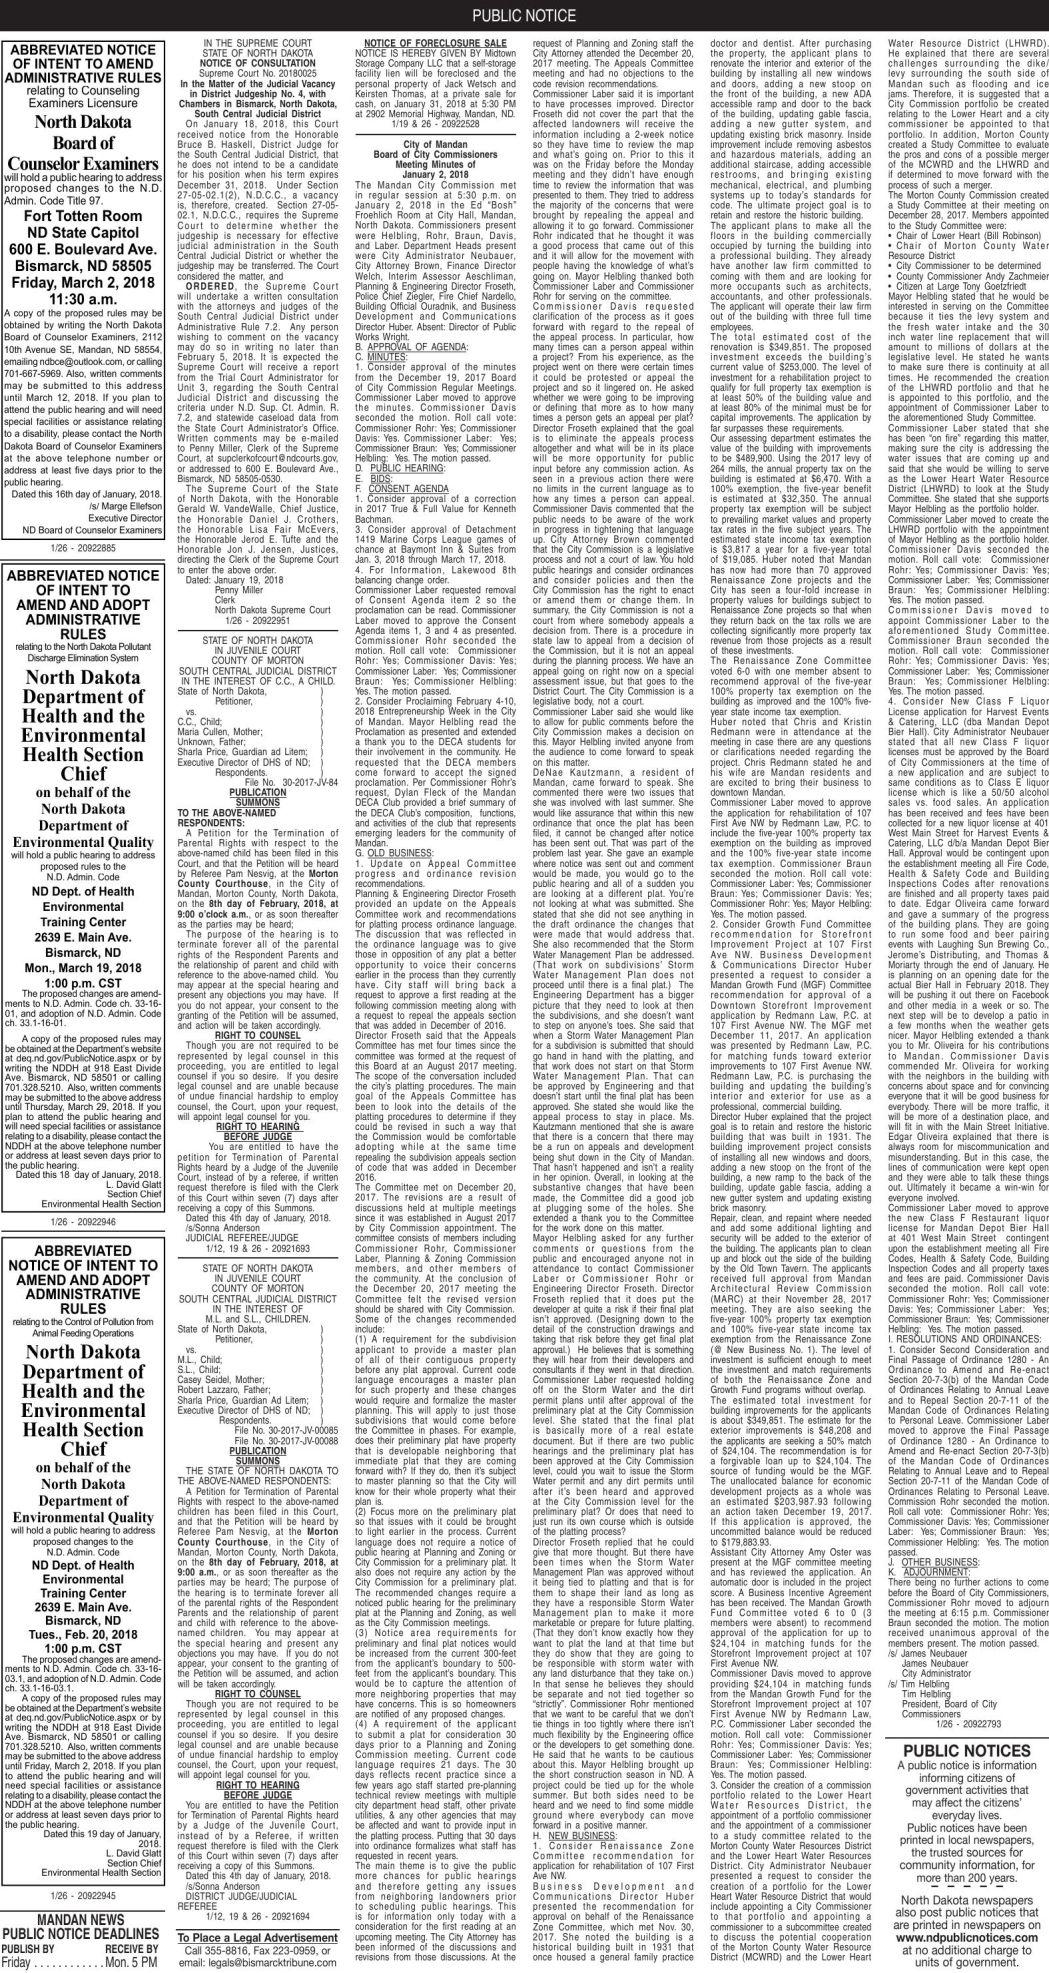 Mandan Legals - January 26, 2018